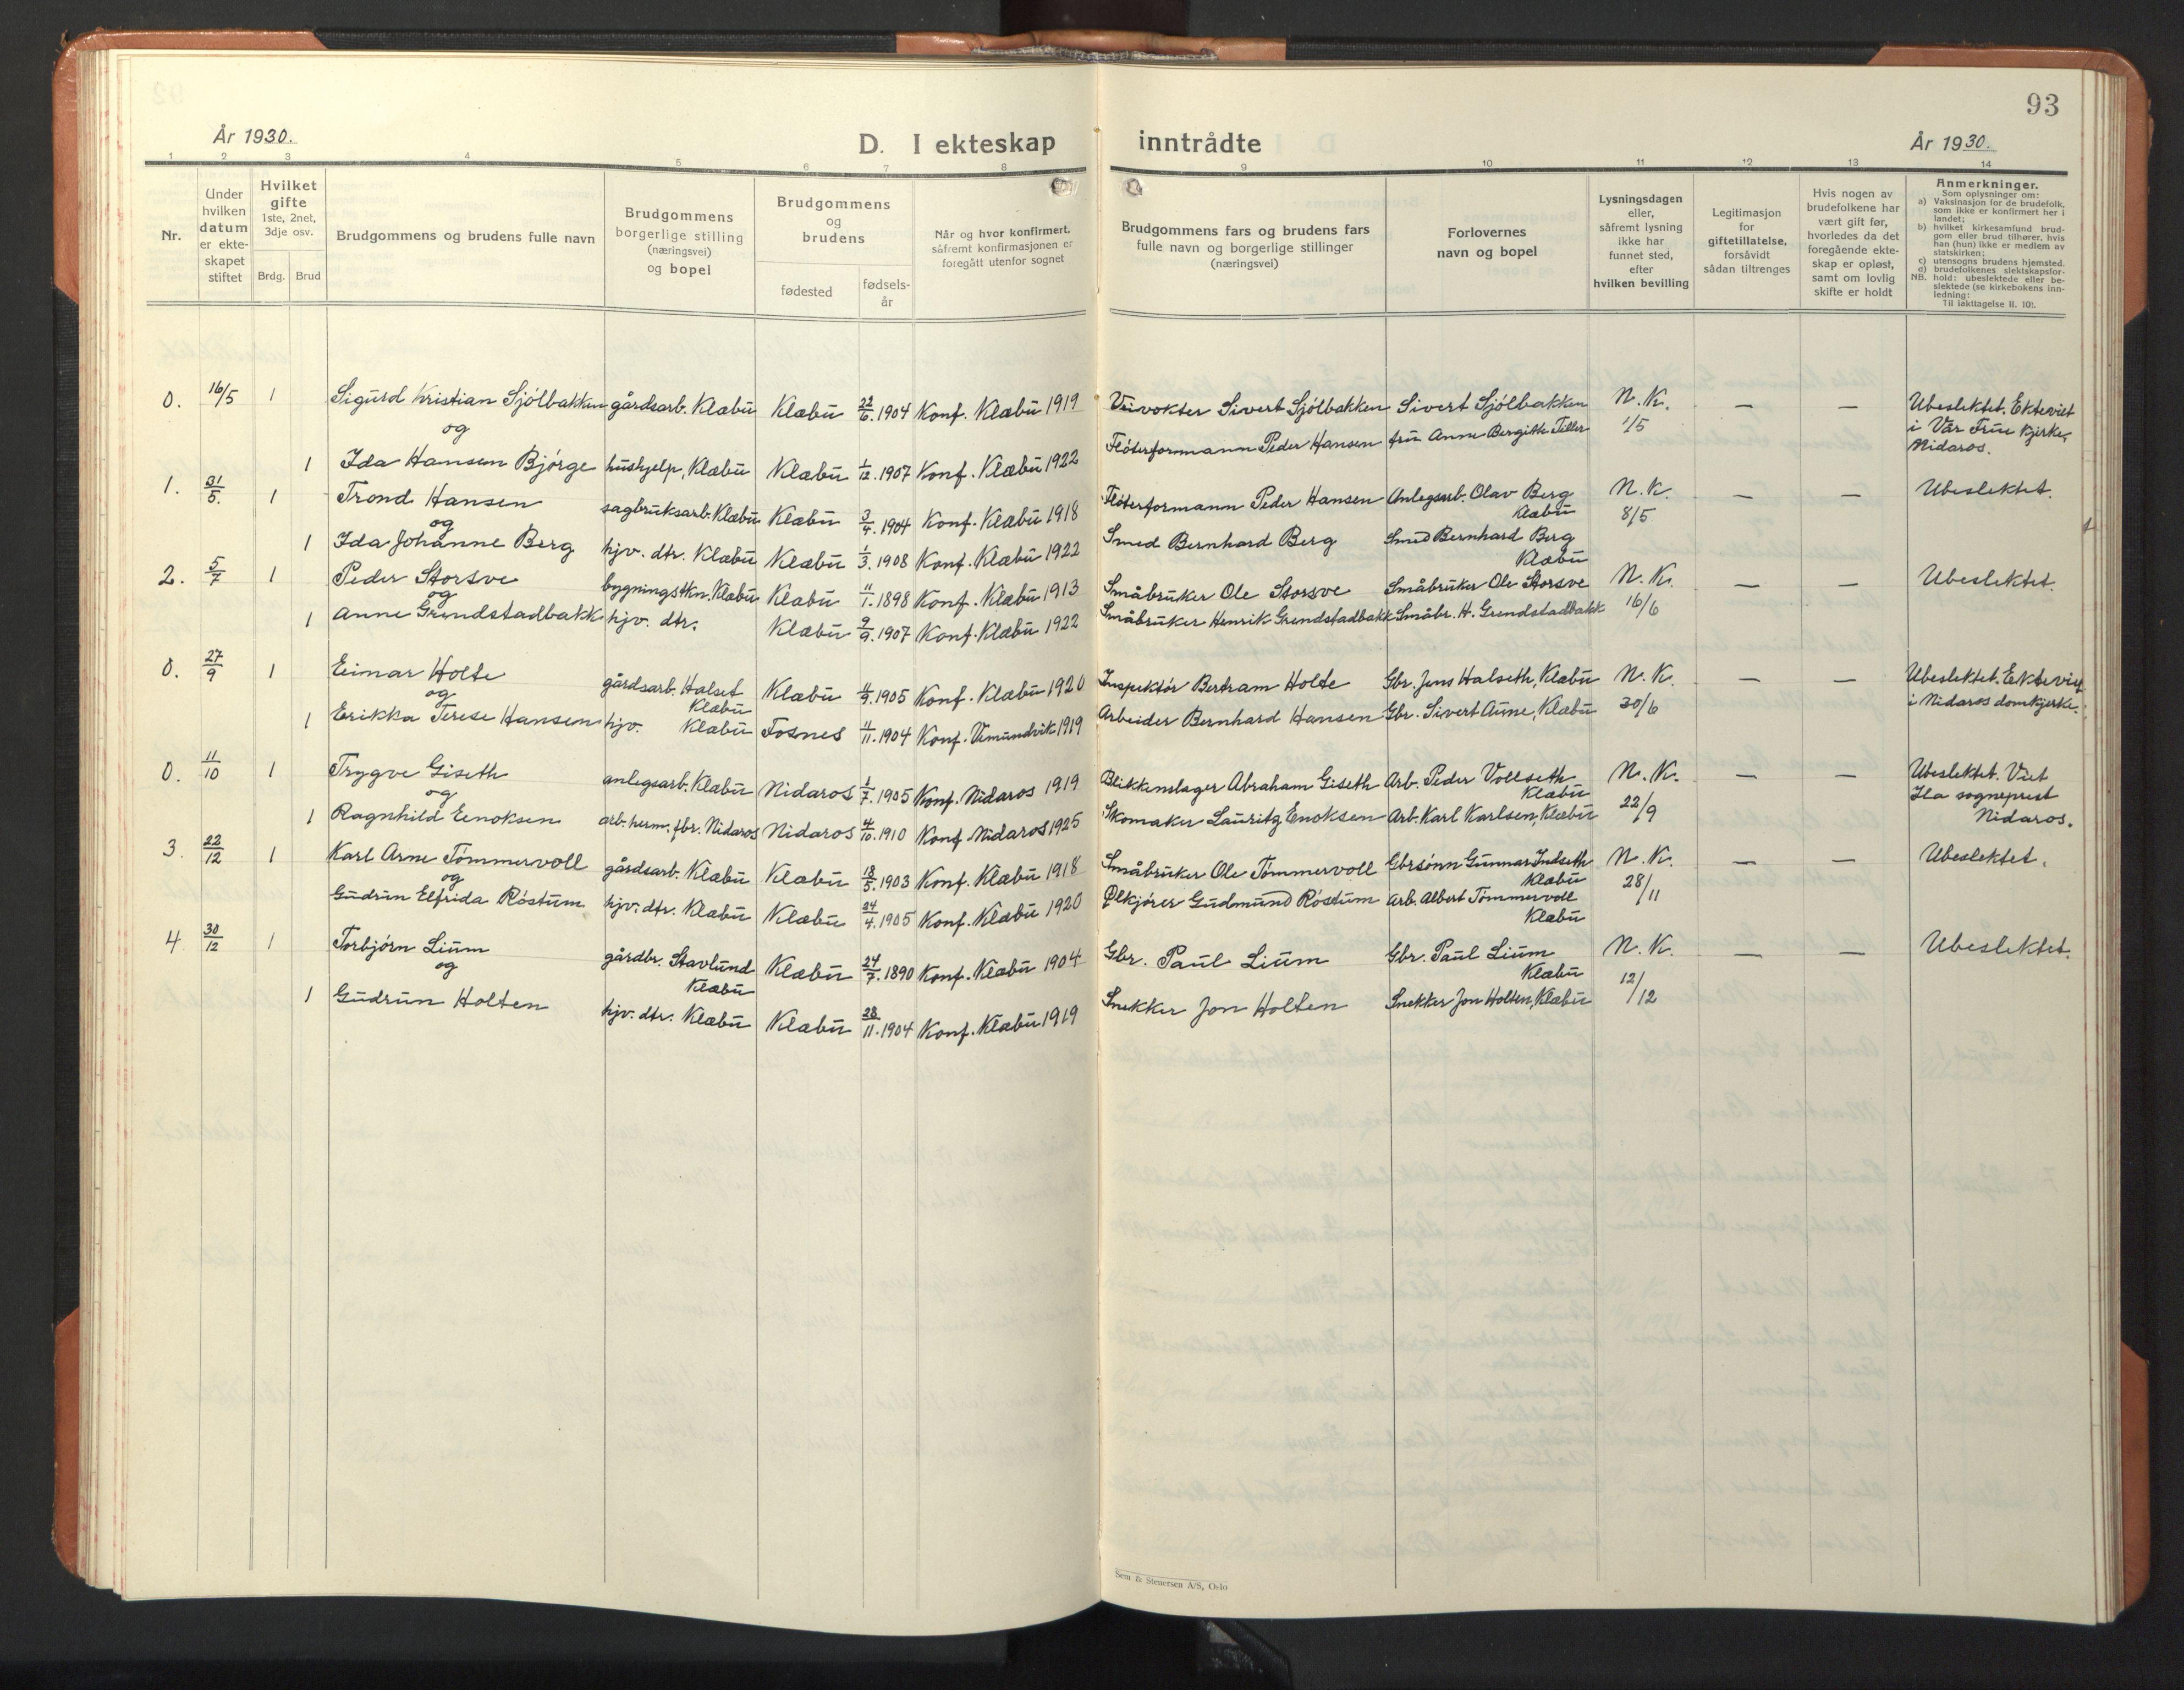 SAT, Ministerialprotokoller, klokkerbøker og fødselsregistre - Sør-Trøndelag, 618/L0454: Klokkerbok nr. 618C05, 1926-1946, s. 93